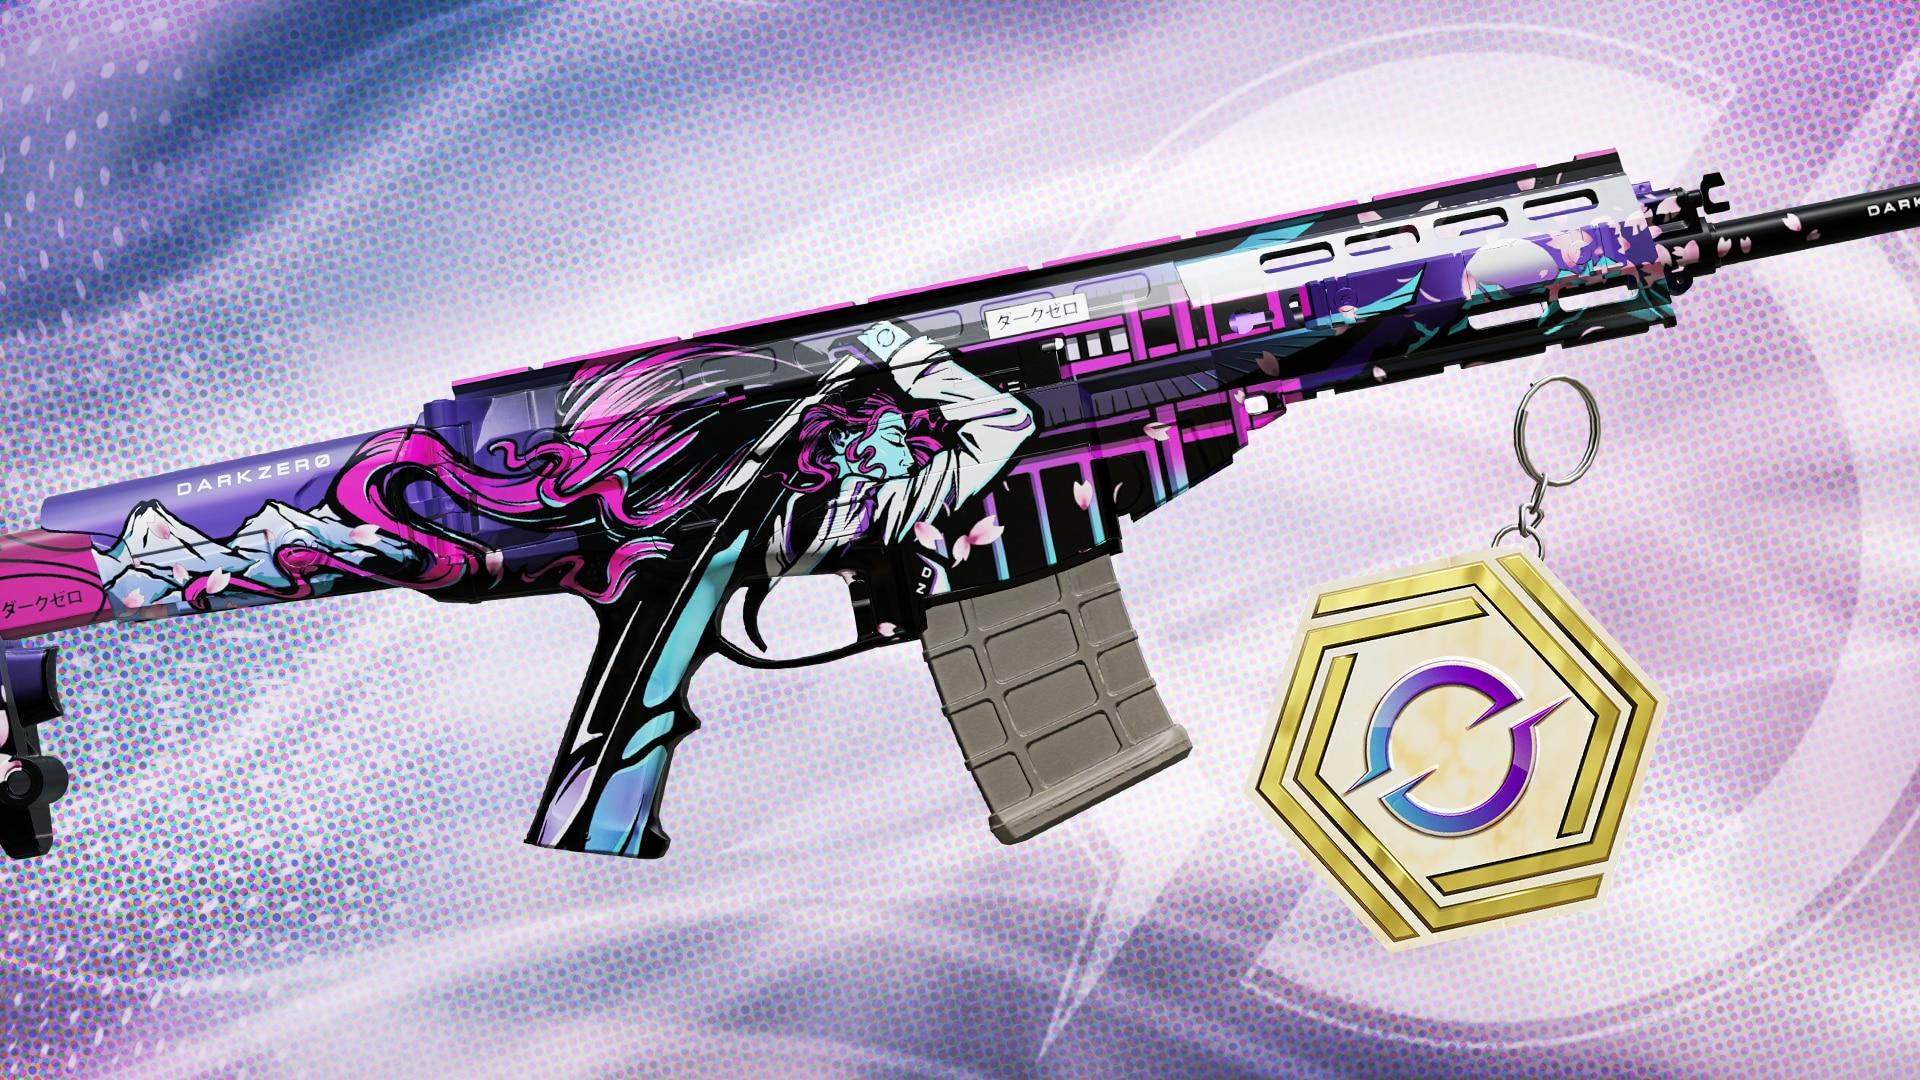 Y6S2 Proteams DarkZero Weaponkit 1920x1080